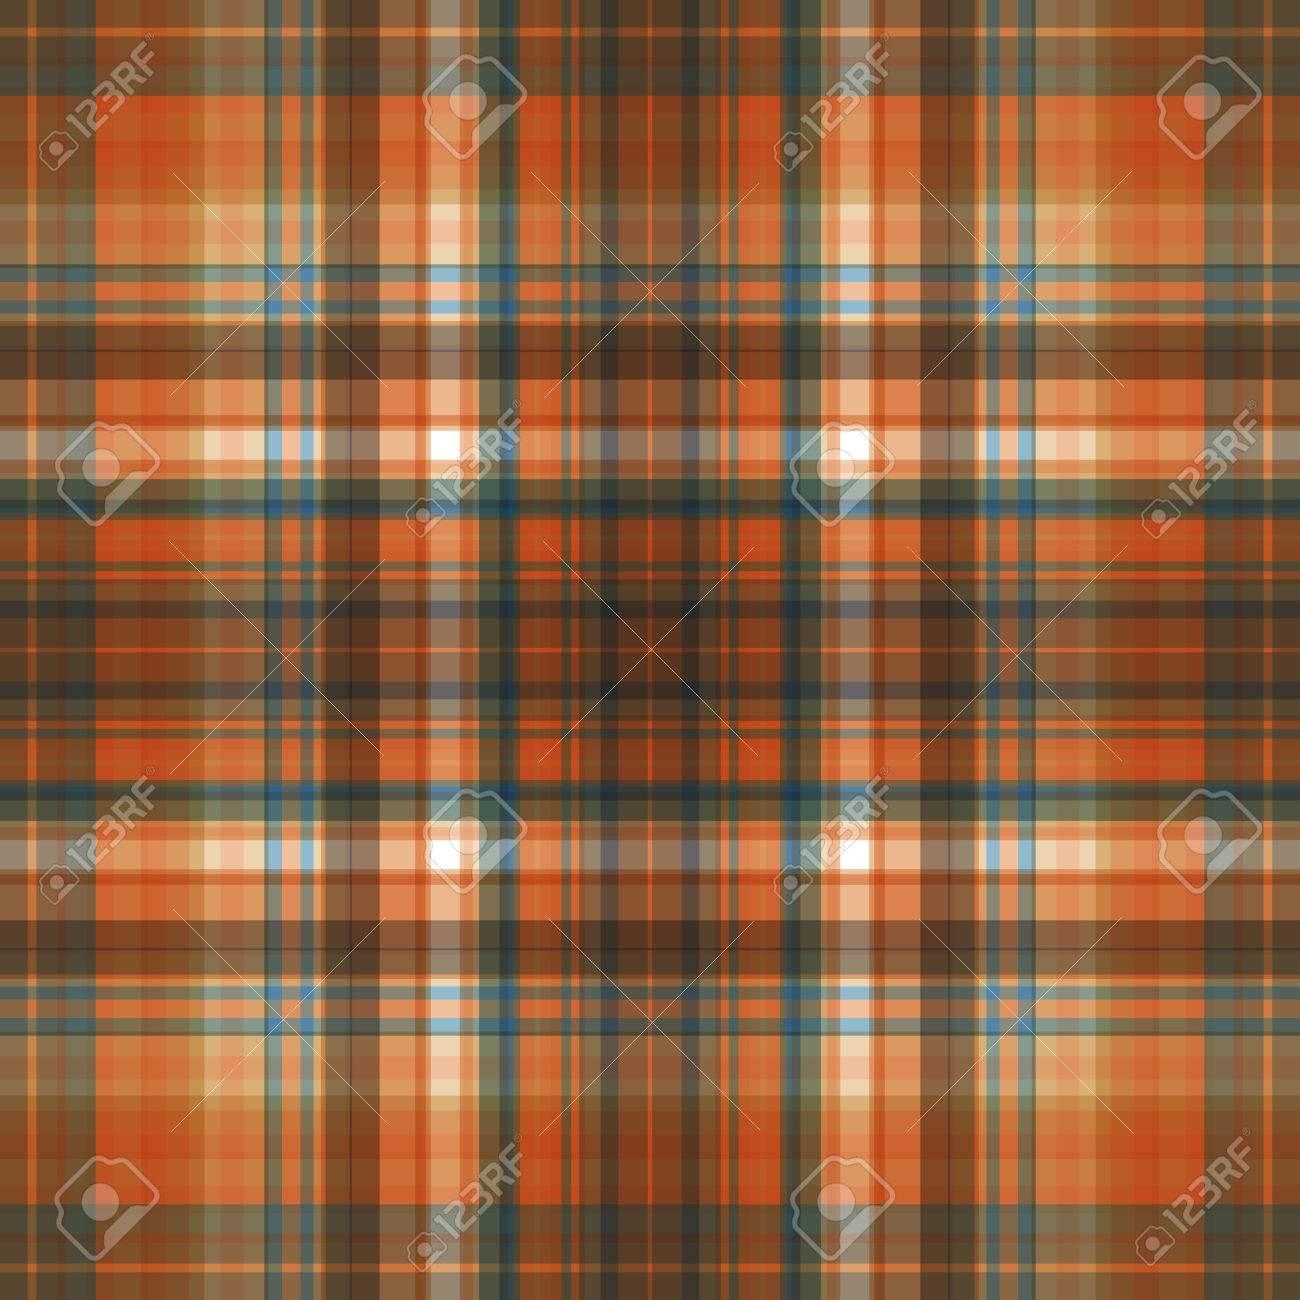 c4dd6509a Modelo inconsútil abstracto, tela escocesa, tartán, tela. Textura  inconsútil del vector para fondos de pantalla, patrones de relleno, fondos  de ...